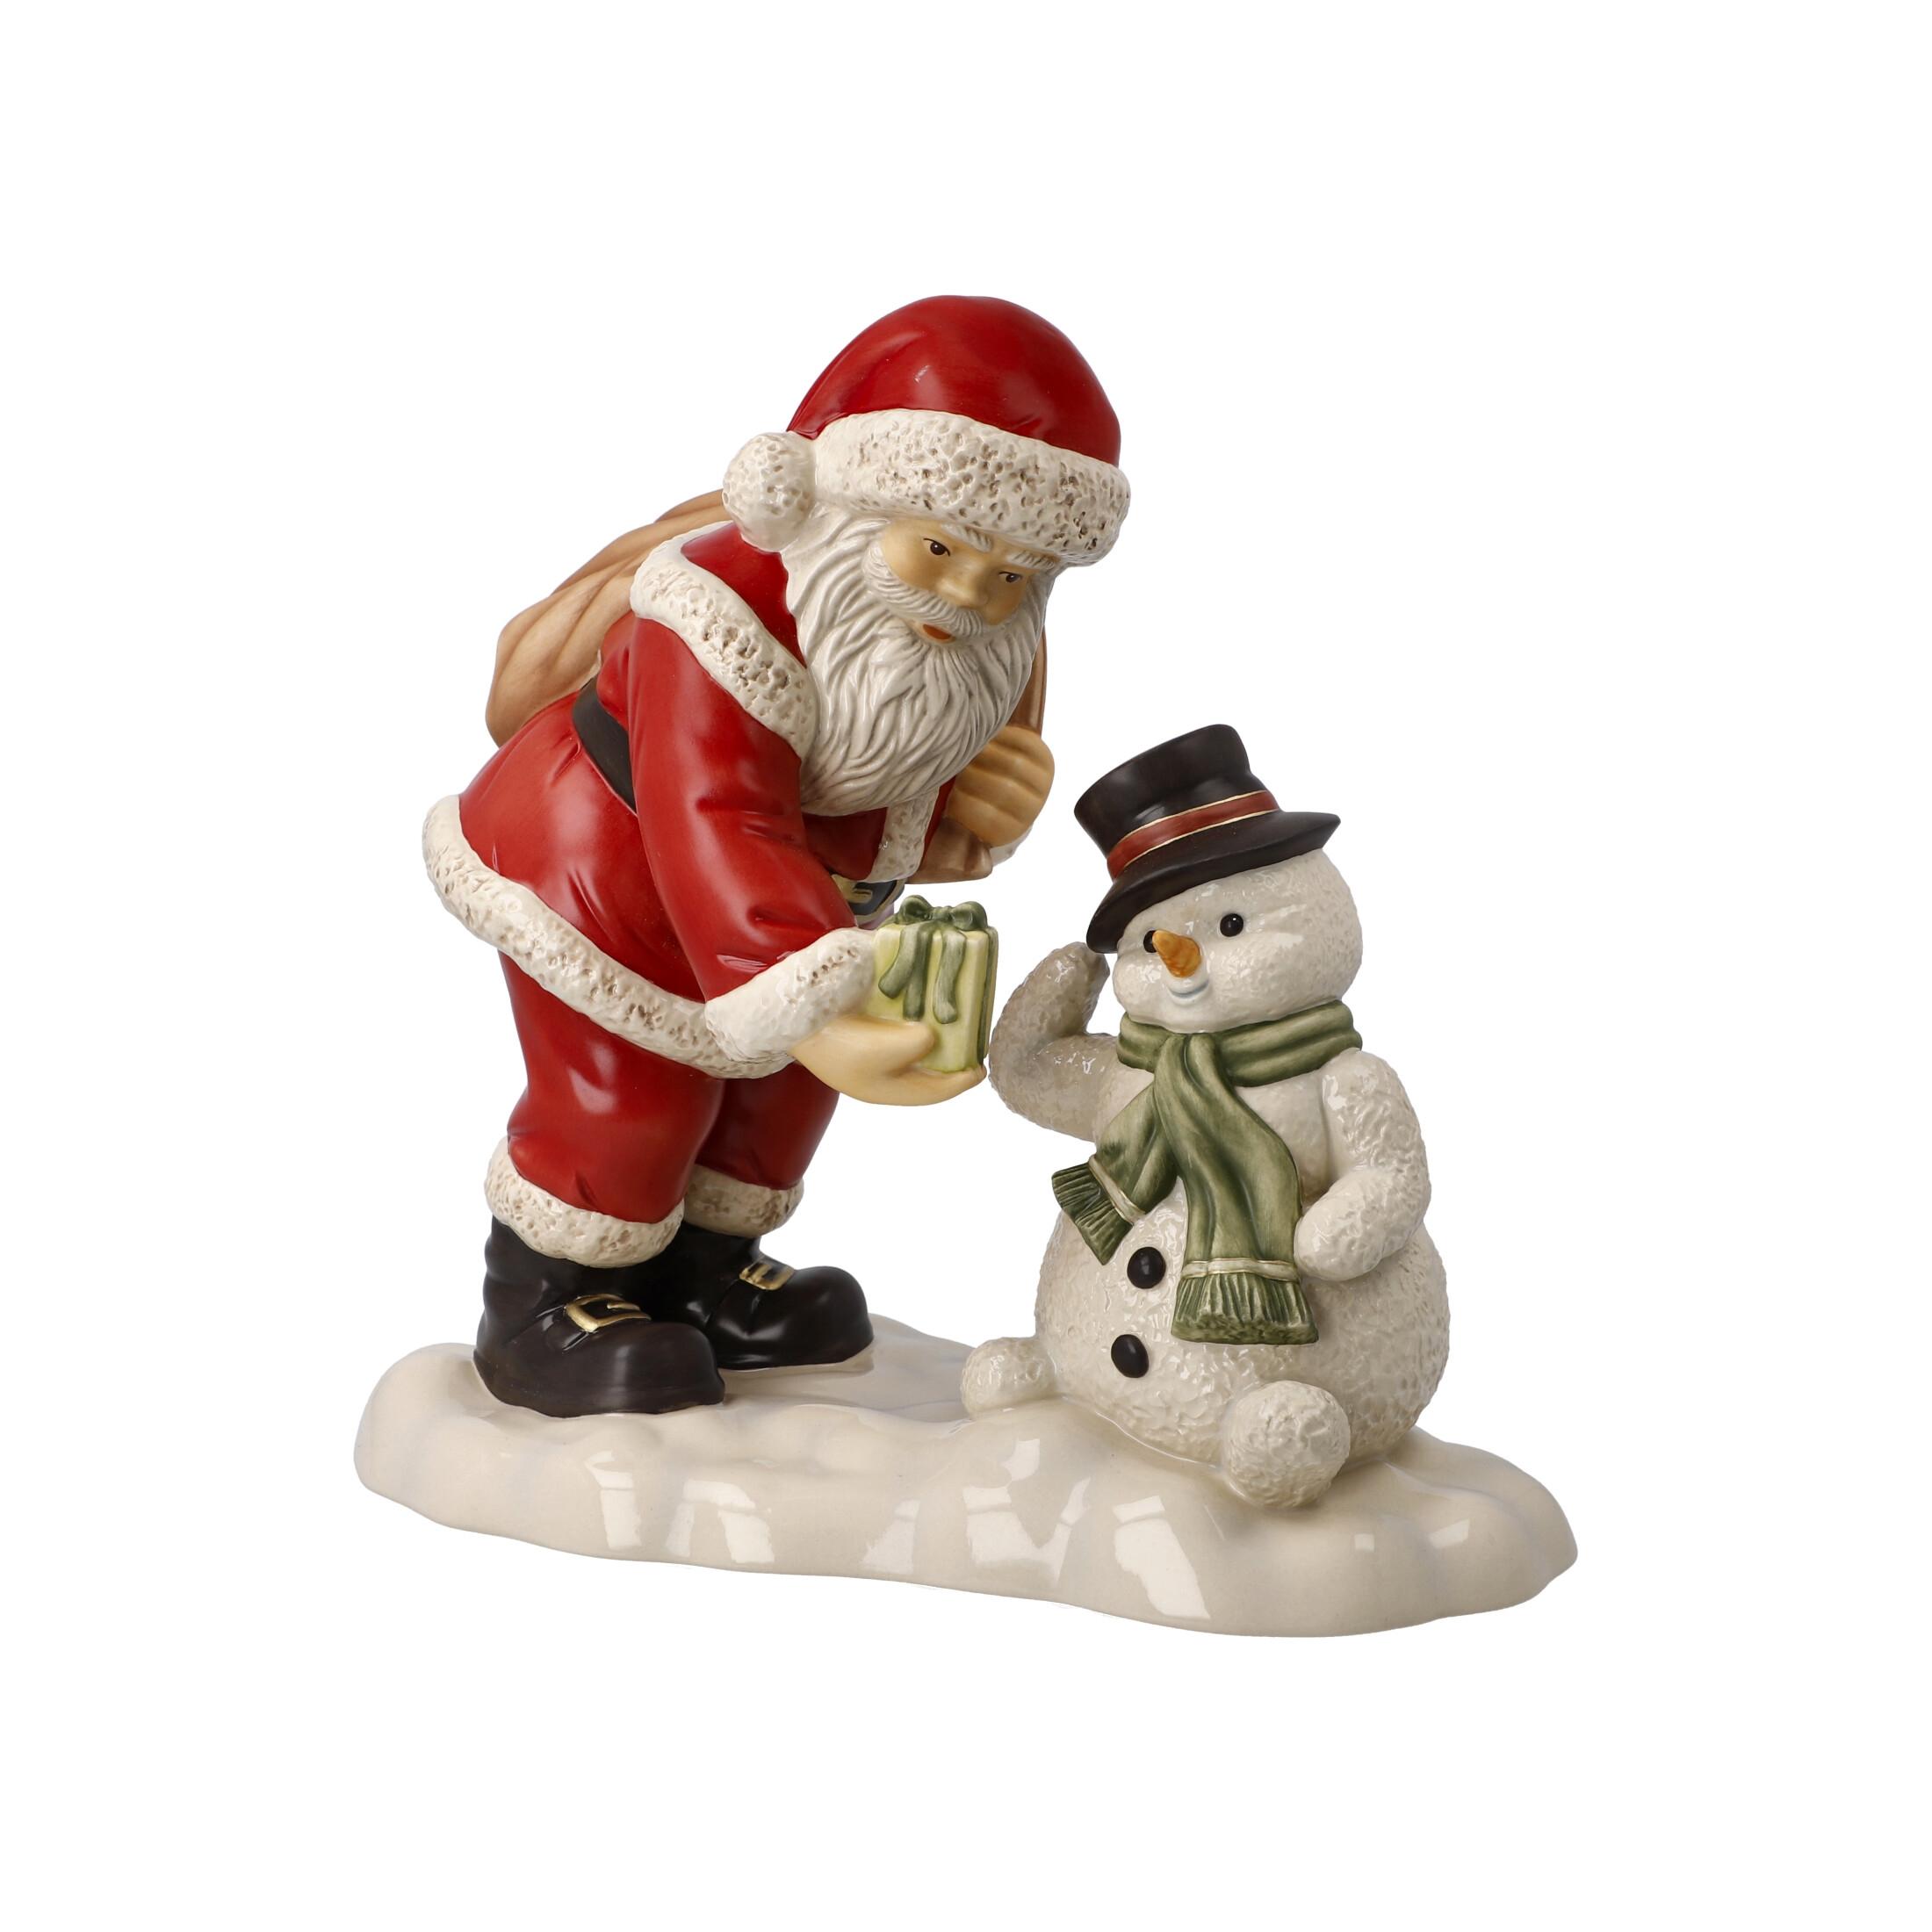 Goebel Weihnachten Weihnachtsmann 'XM S Fröhliche Weihnachten Ltd Ed 1999' 2021